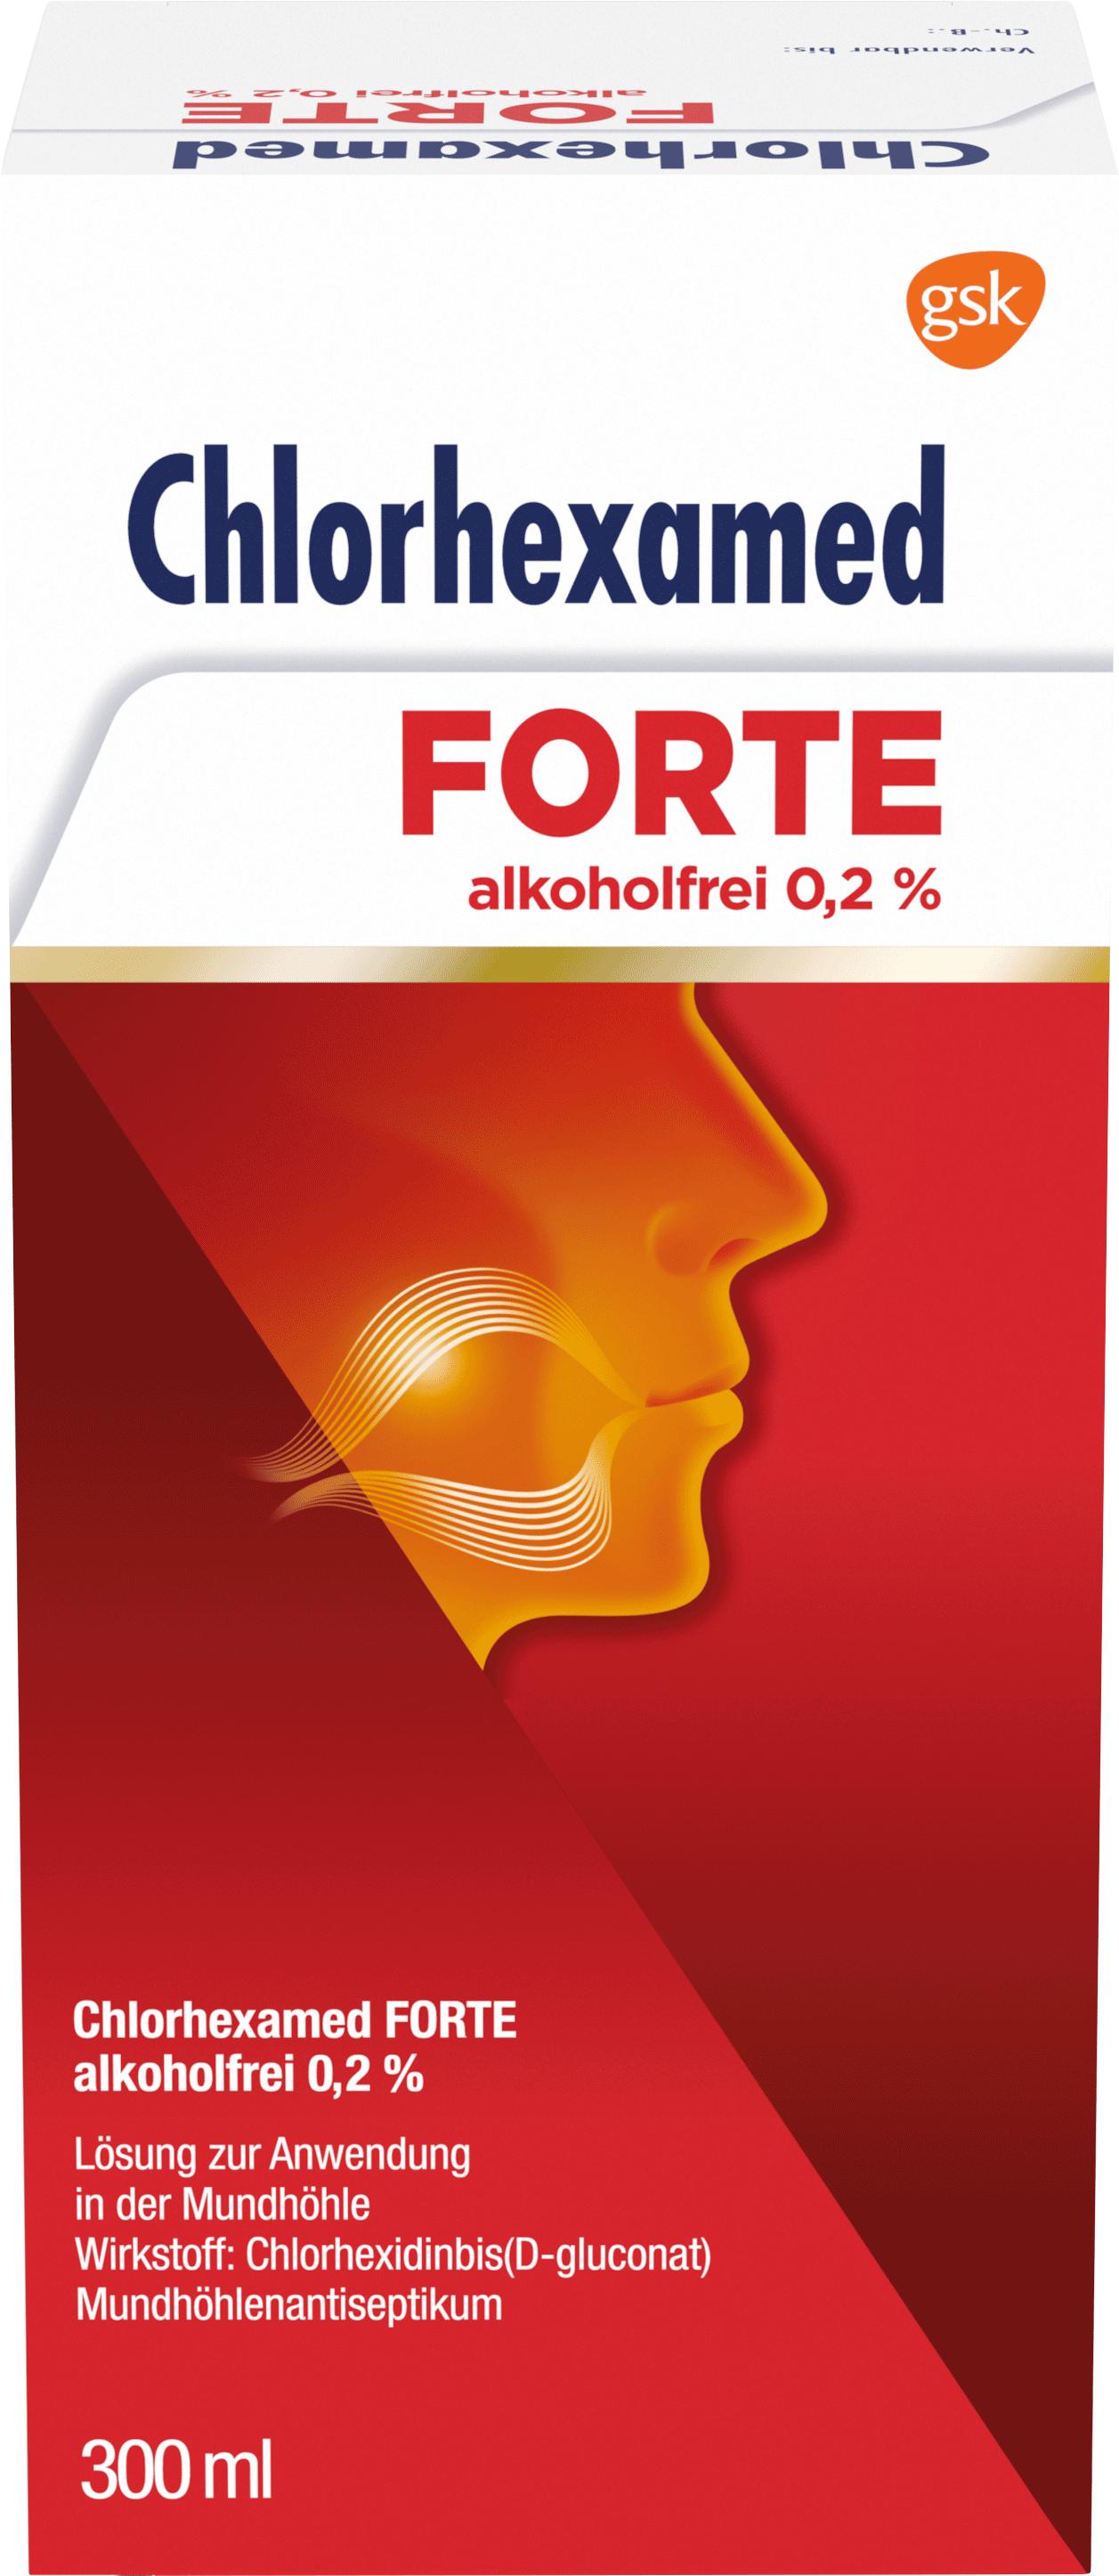 Chlorhexamed FORTE alkoholfrei 0.2%